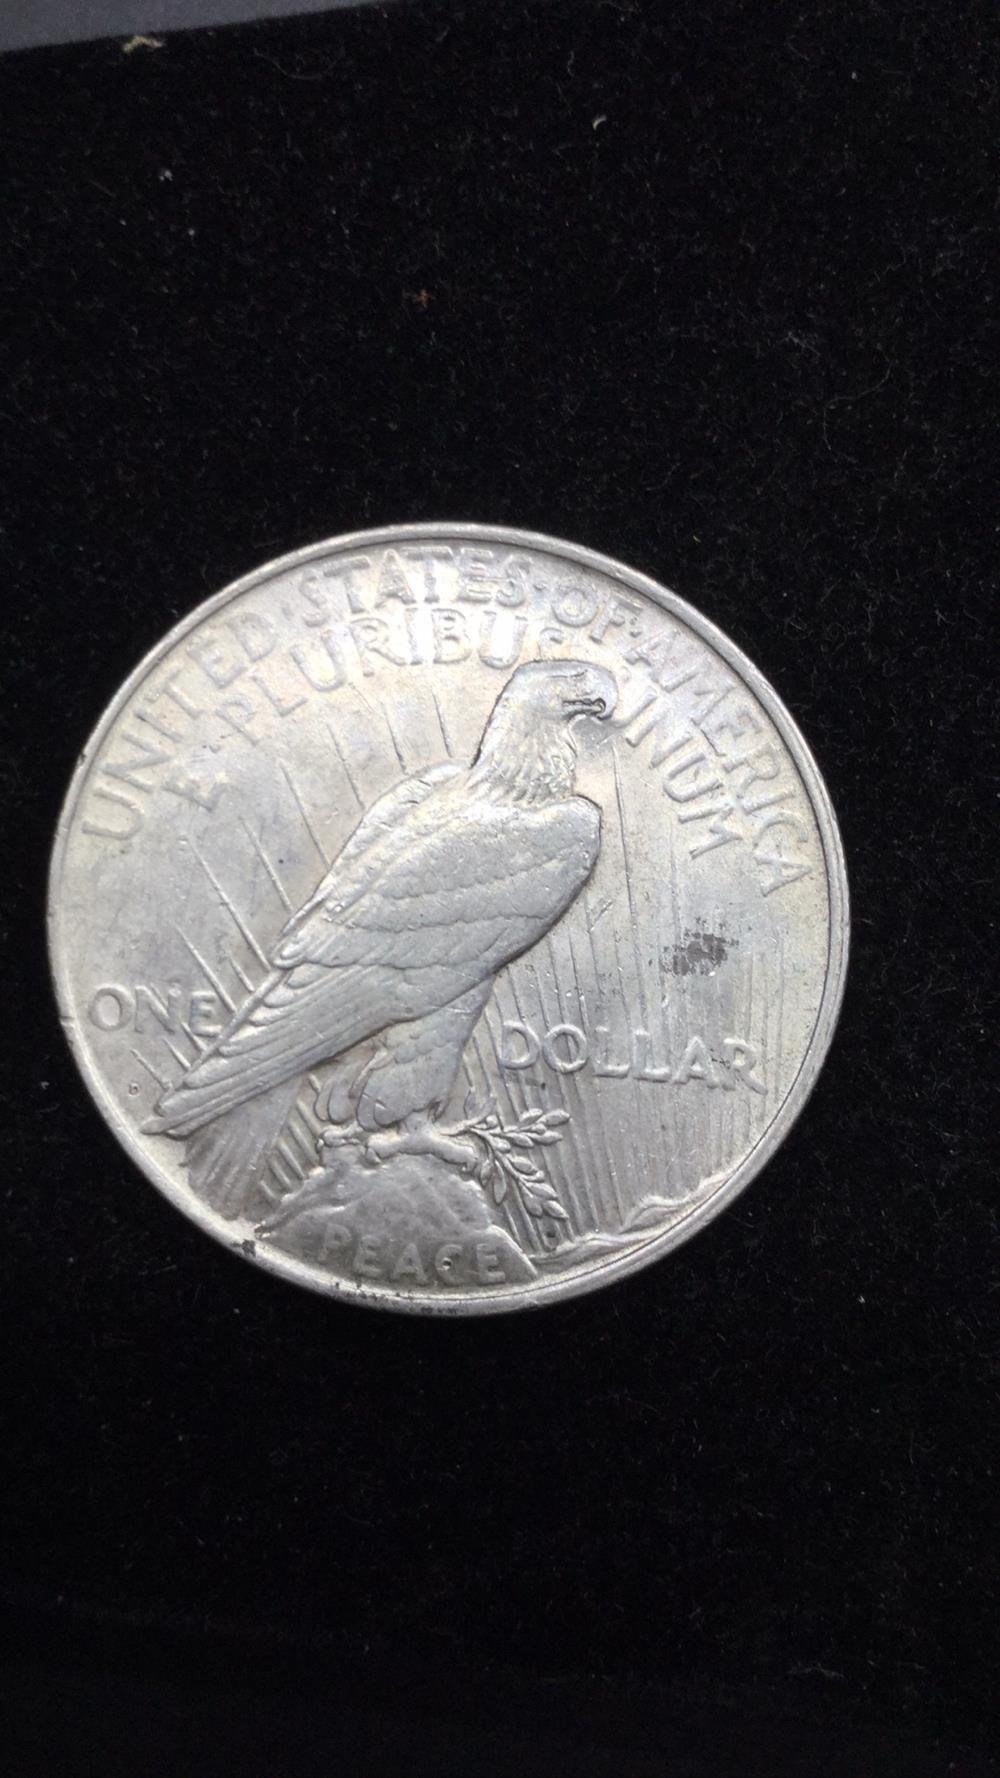 Lot 66: 1927p peace dollar